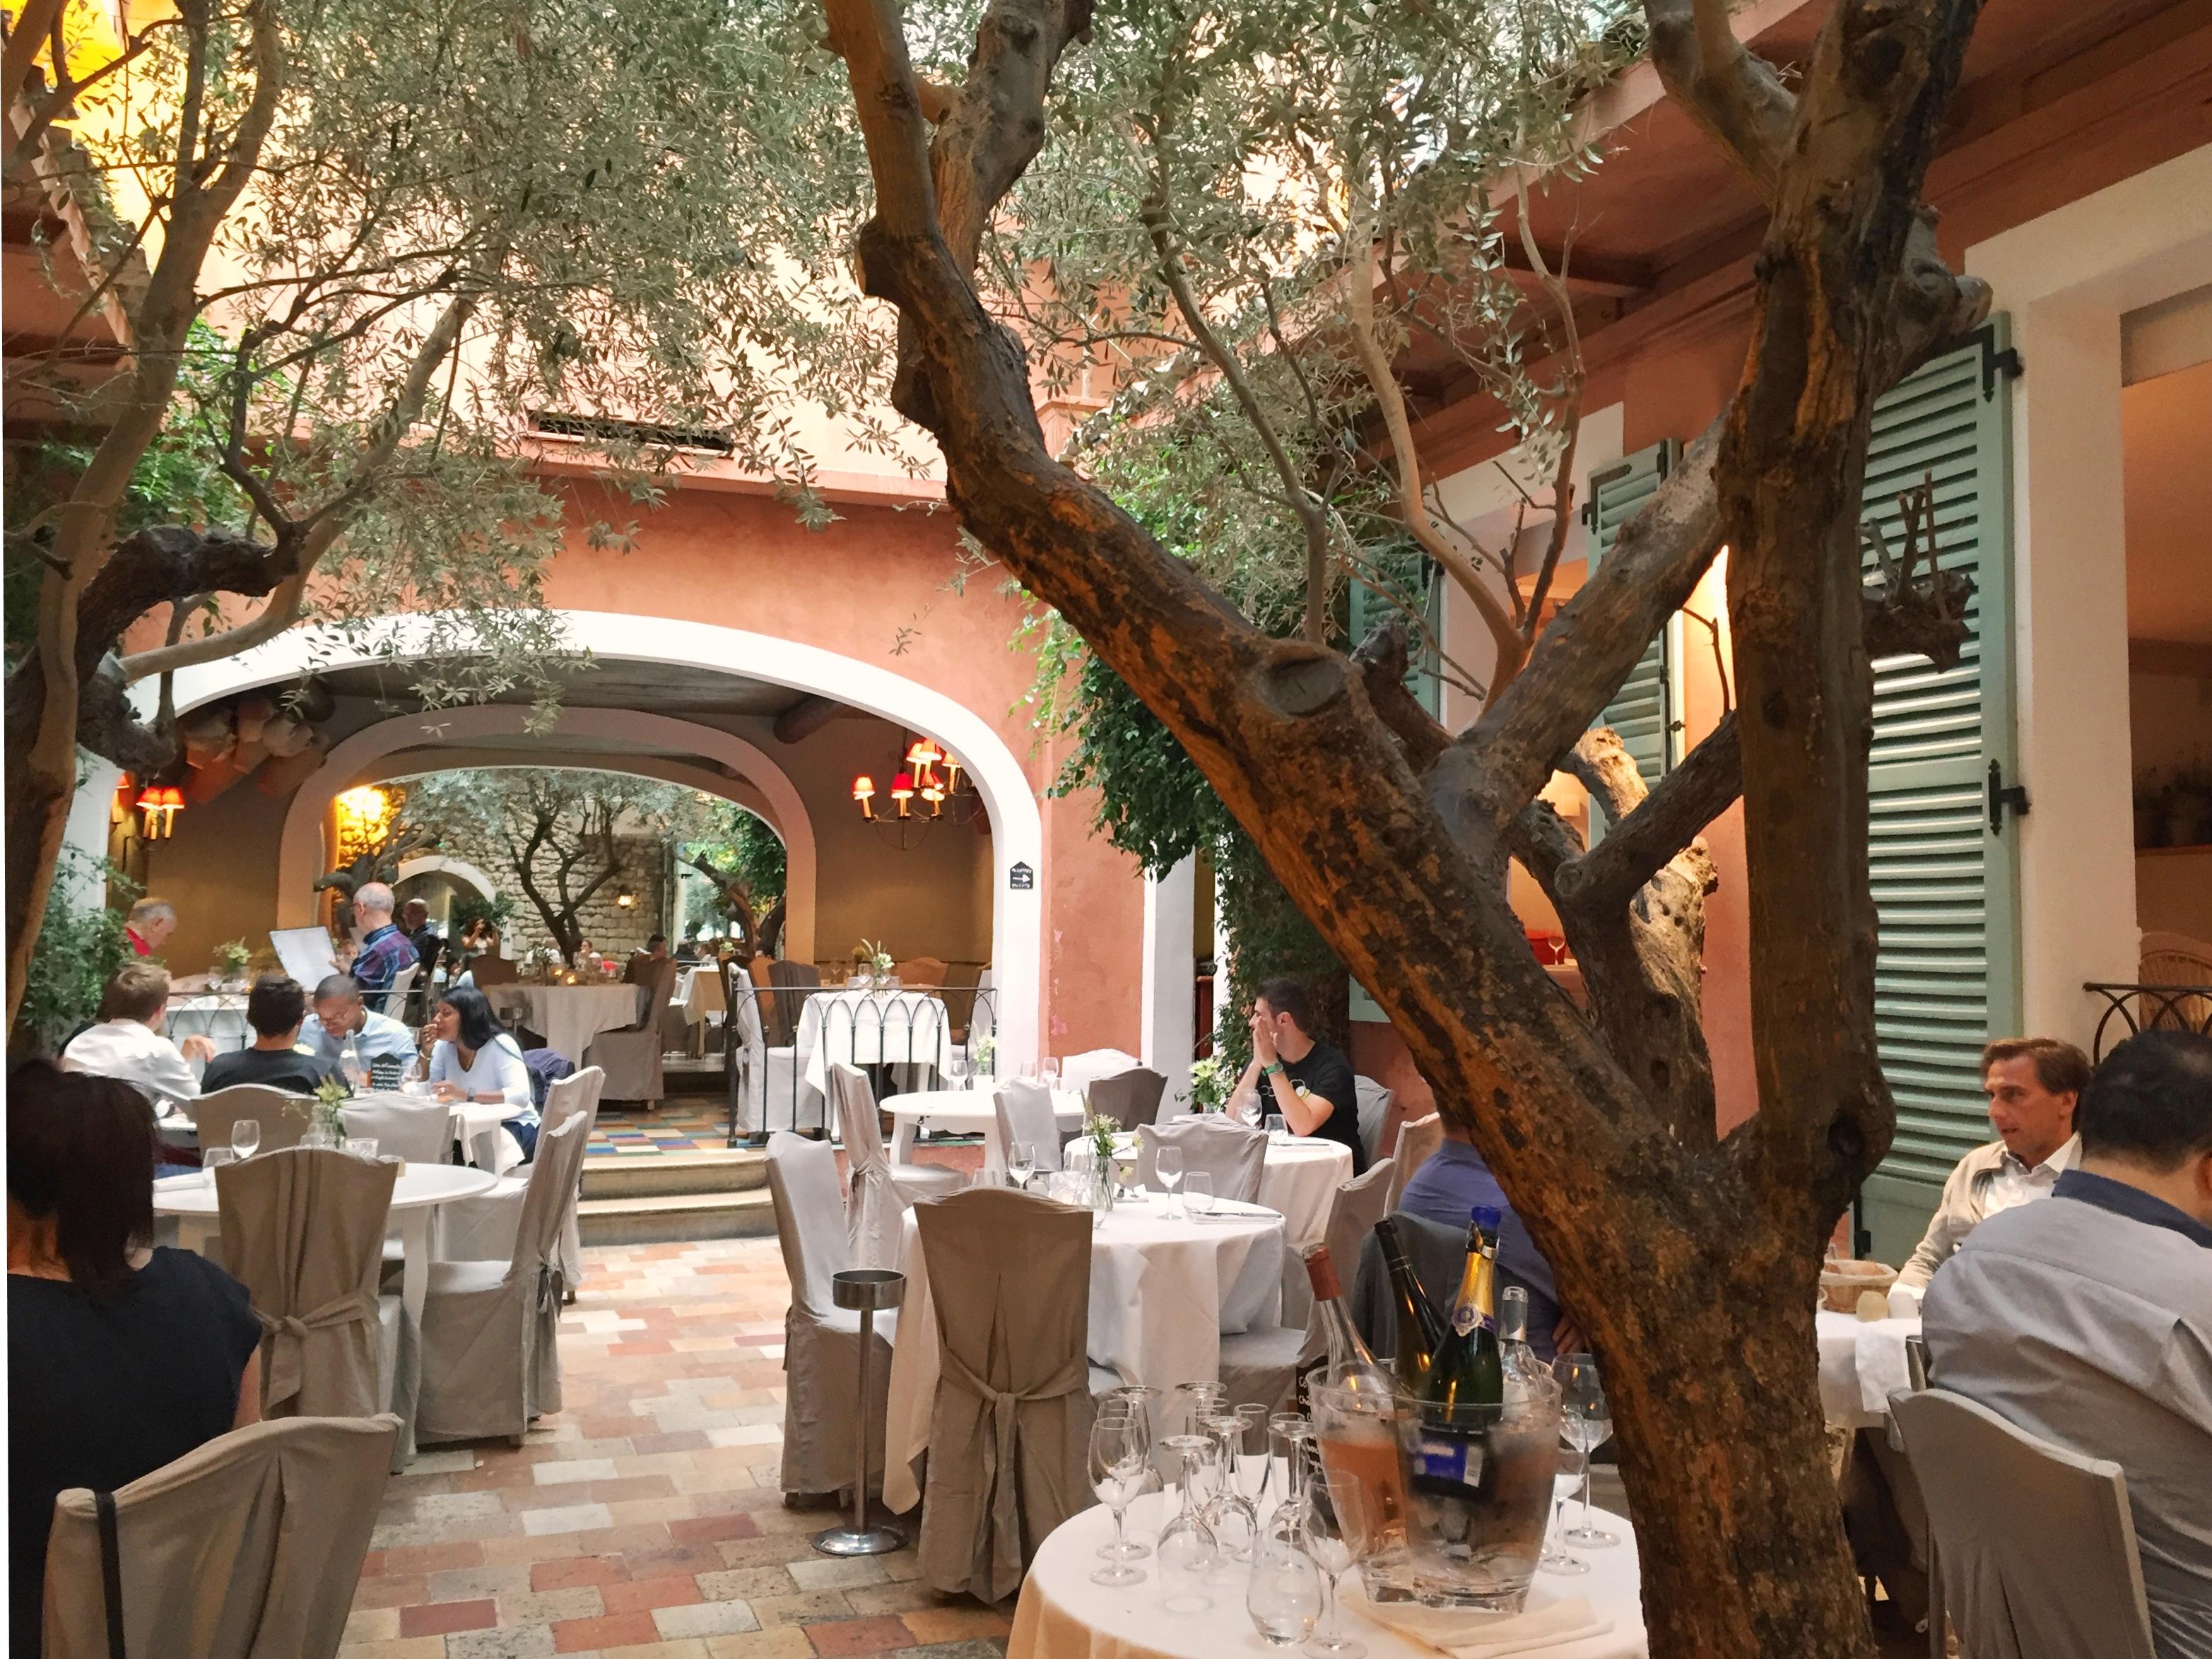 Les jolies d couvertes 2 lou 39 ise going out - Restaurant le sud paris porte maillot ...